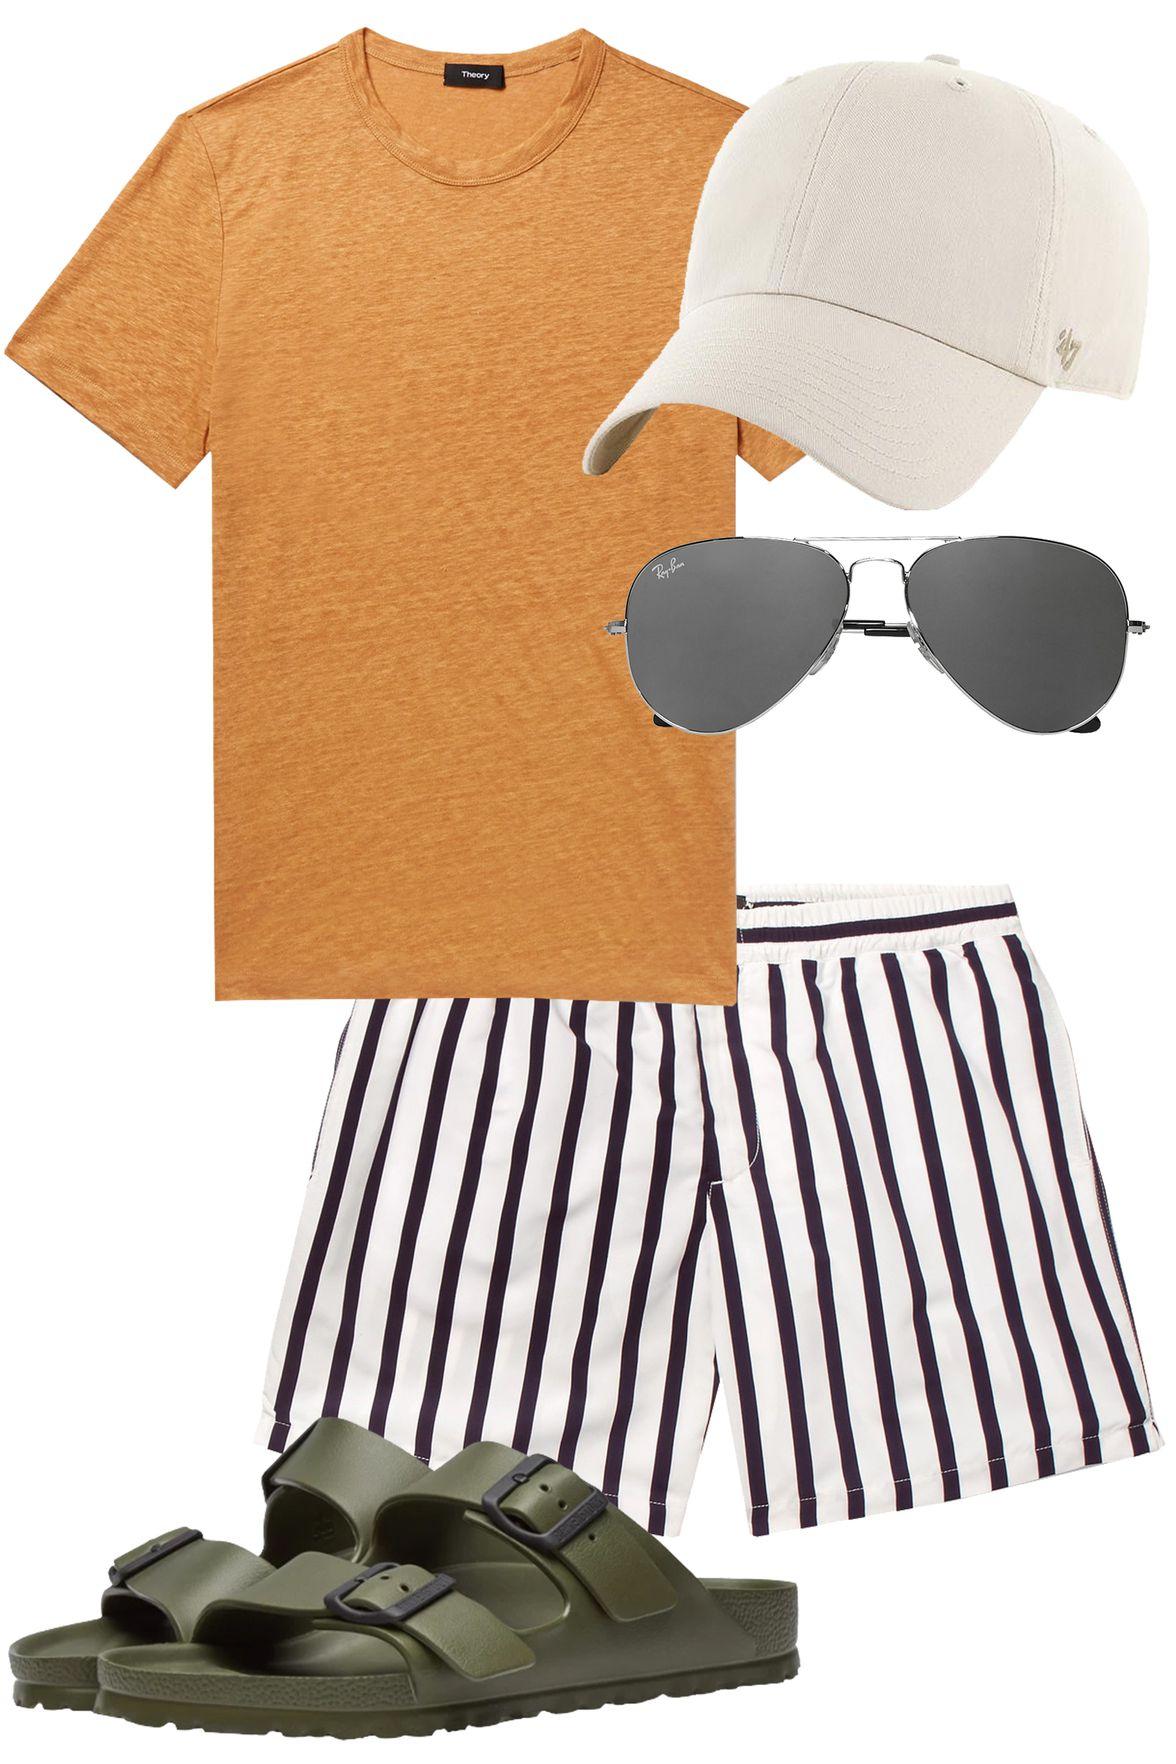 thời trang mùa hè elleman 2